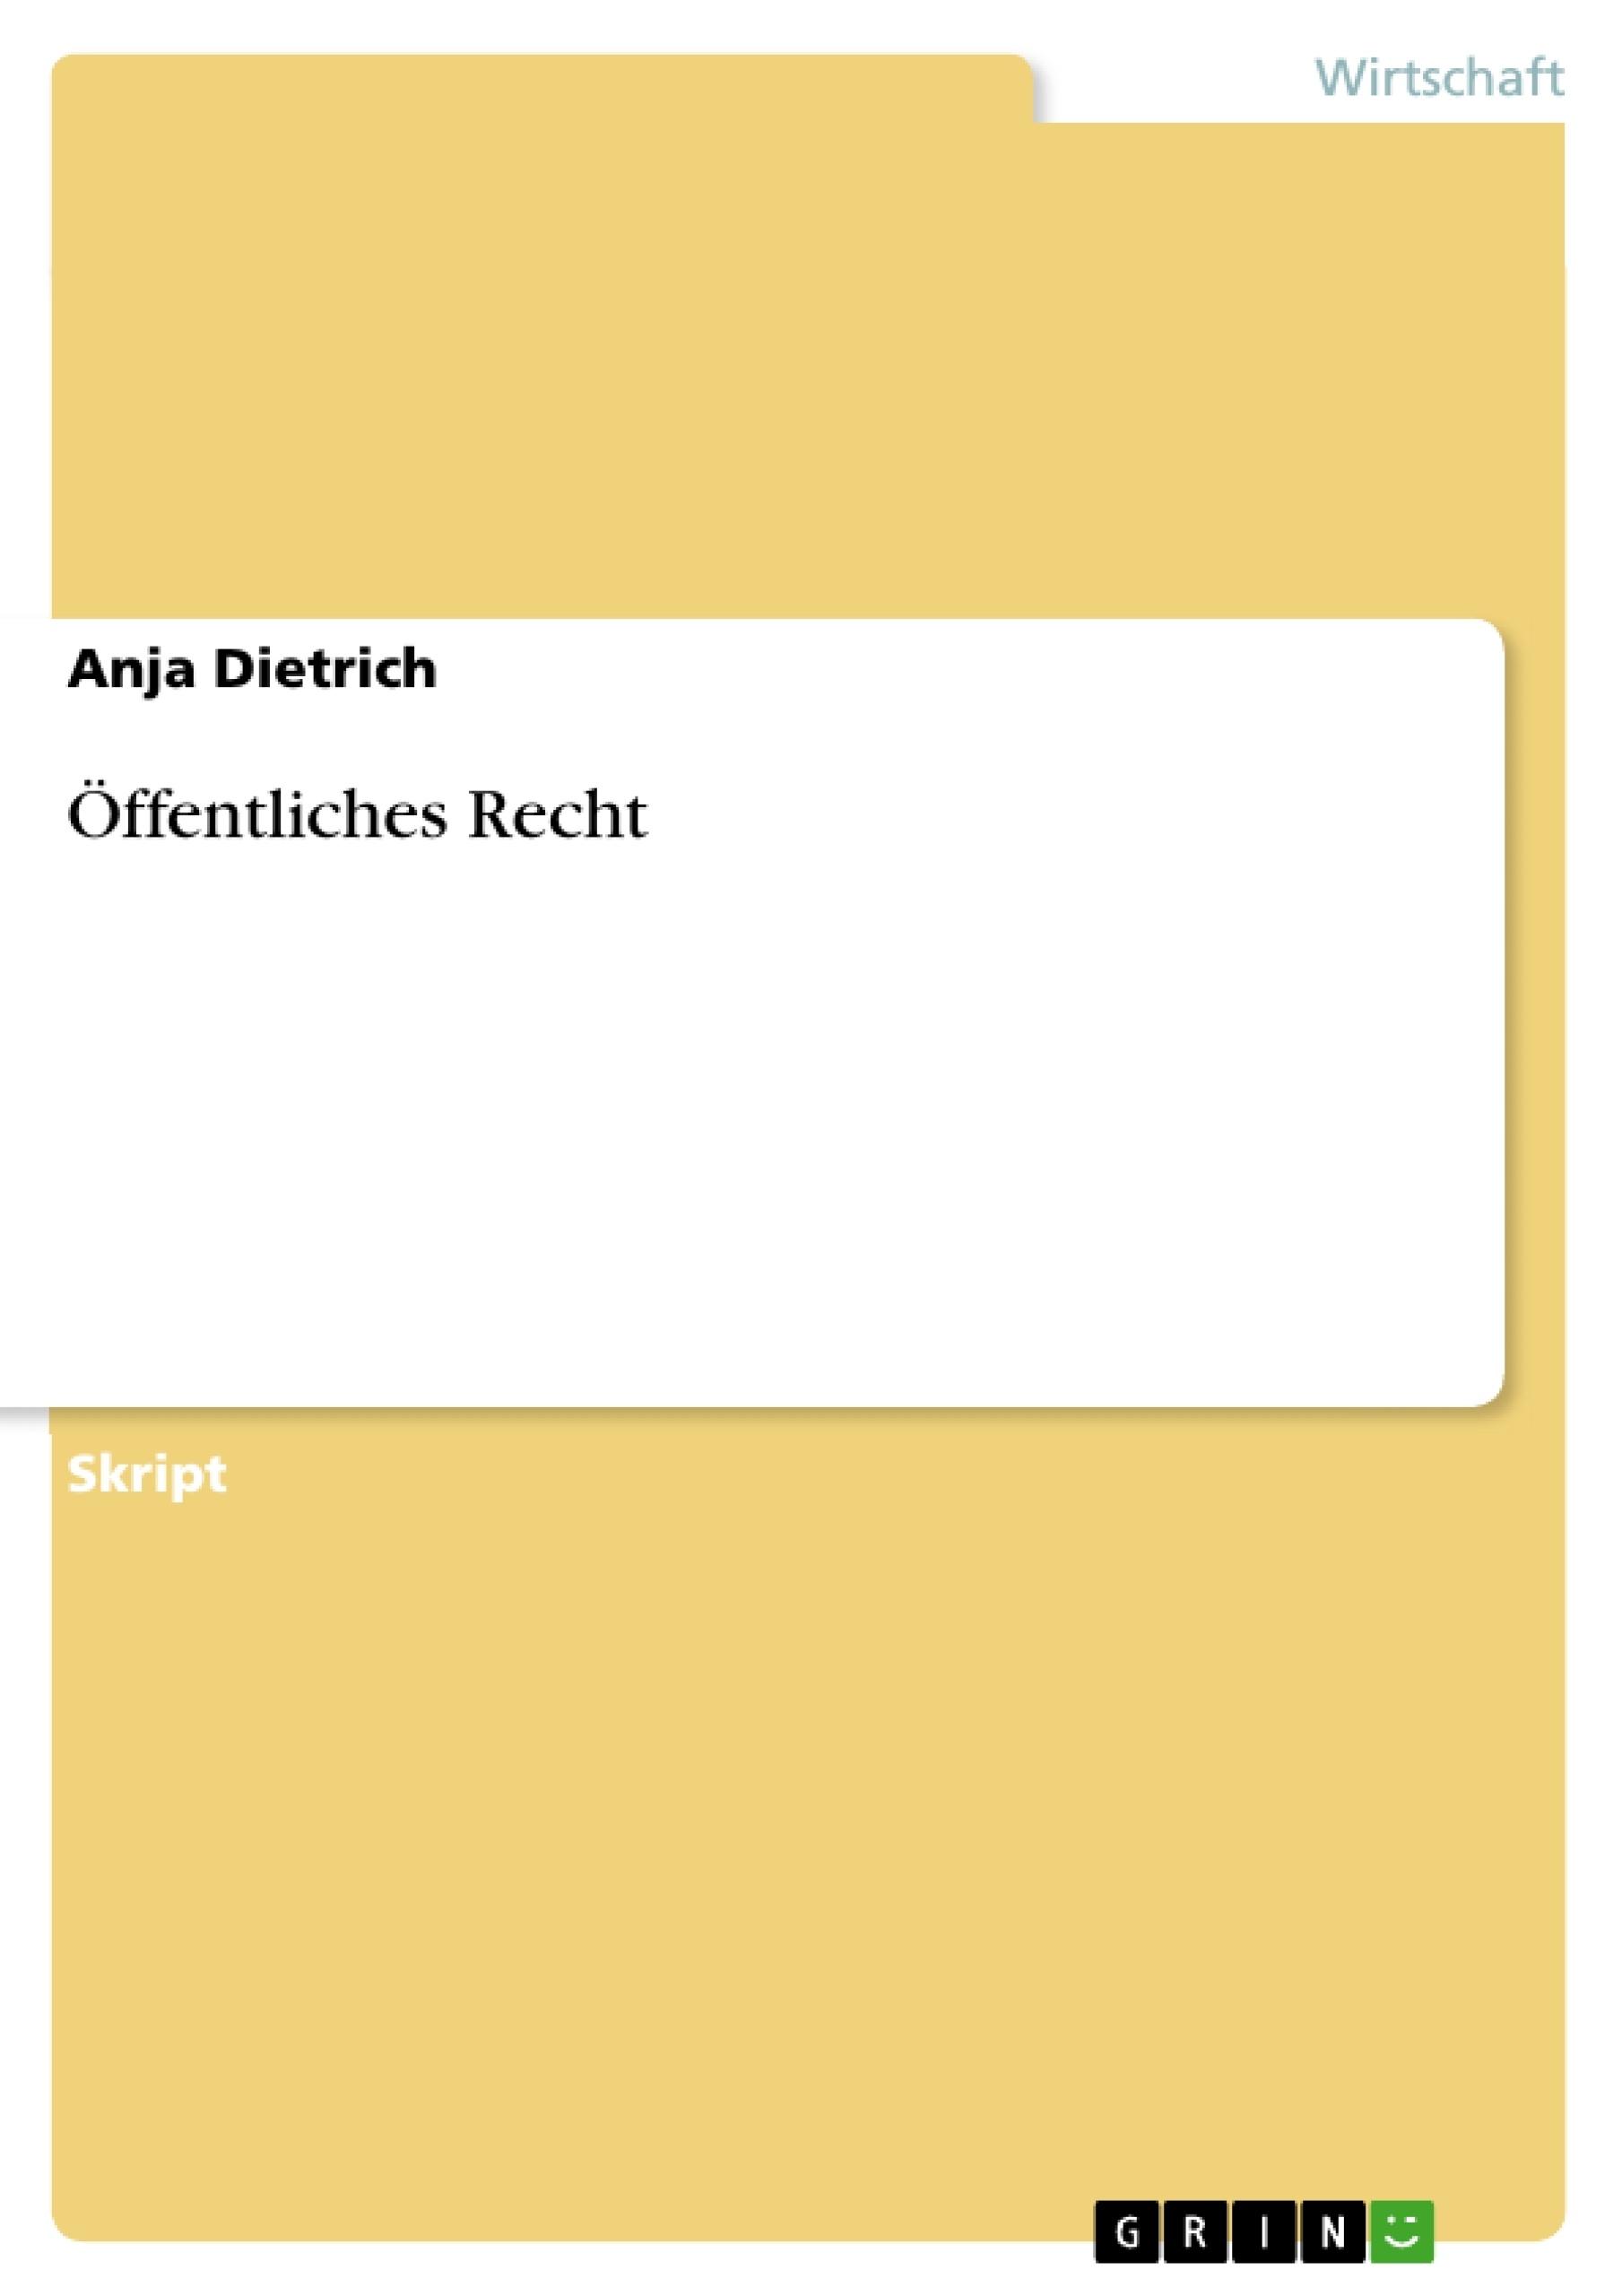 Titel: Öffentliches Recht